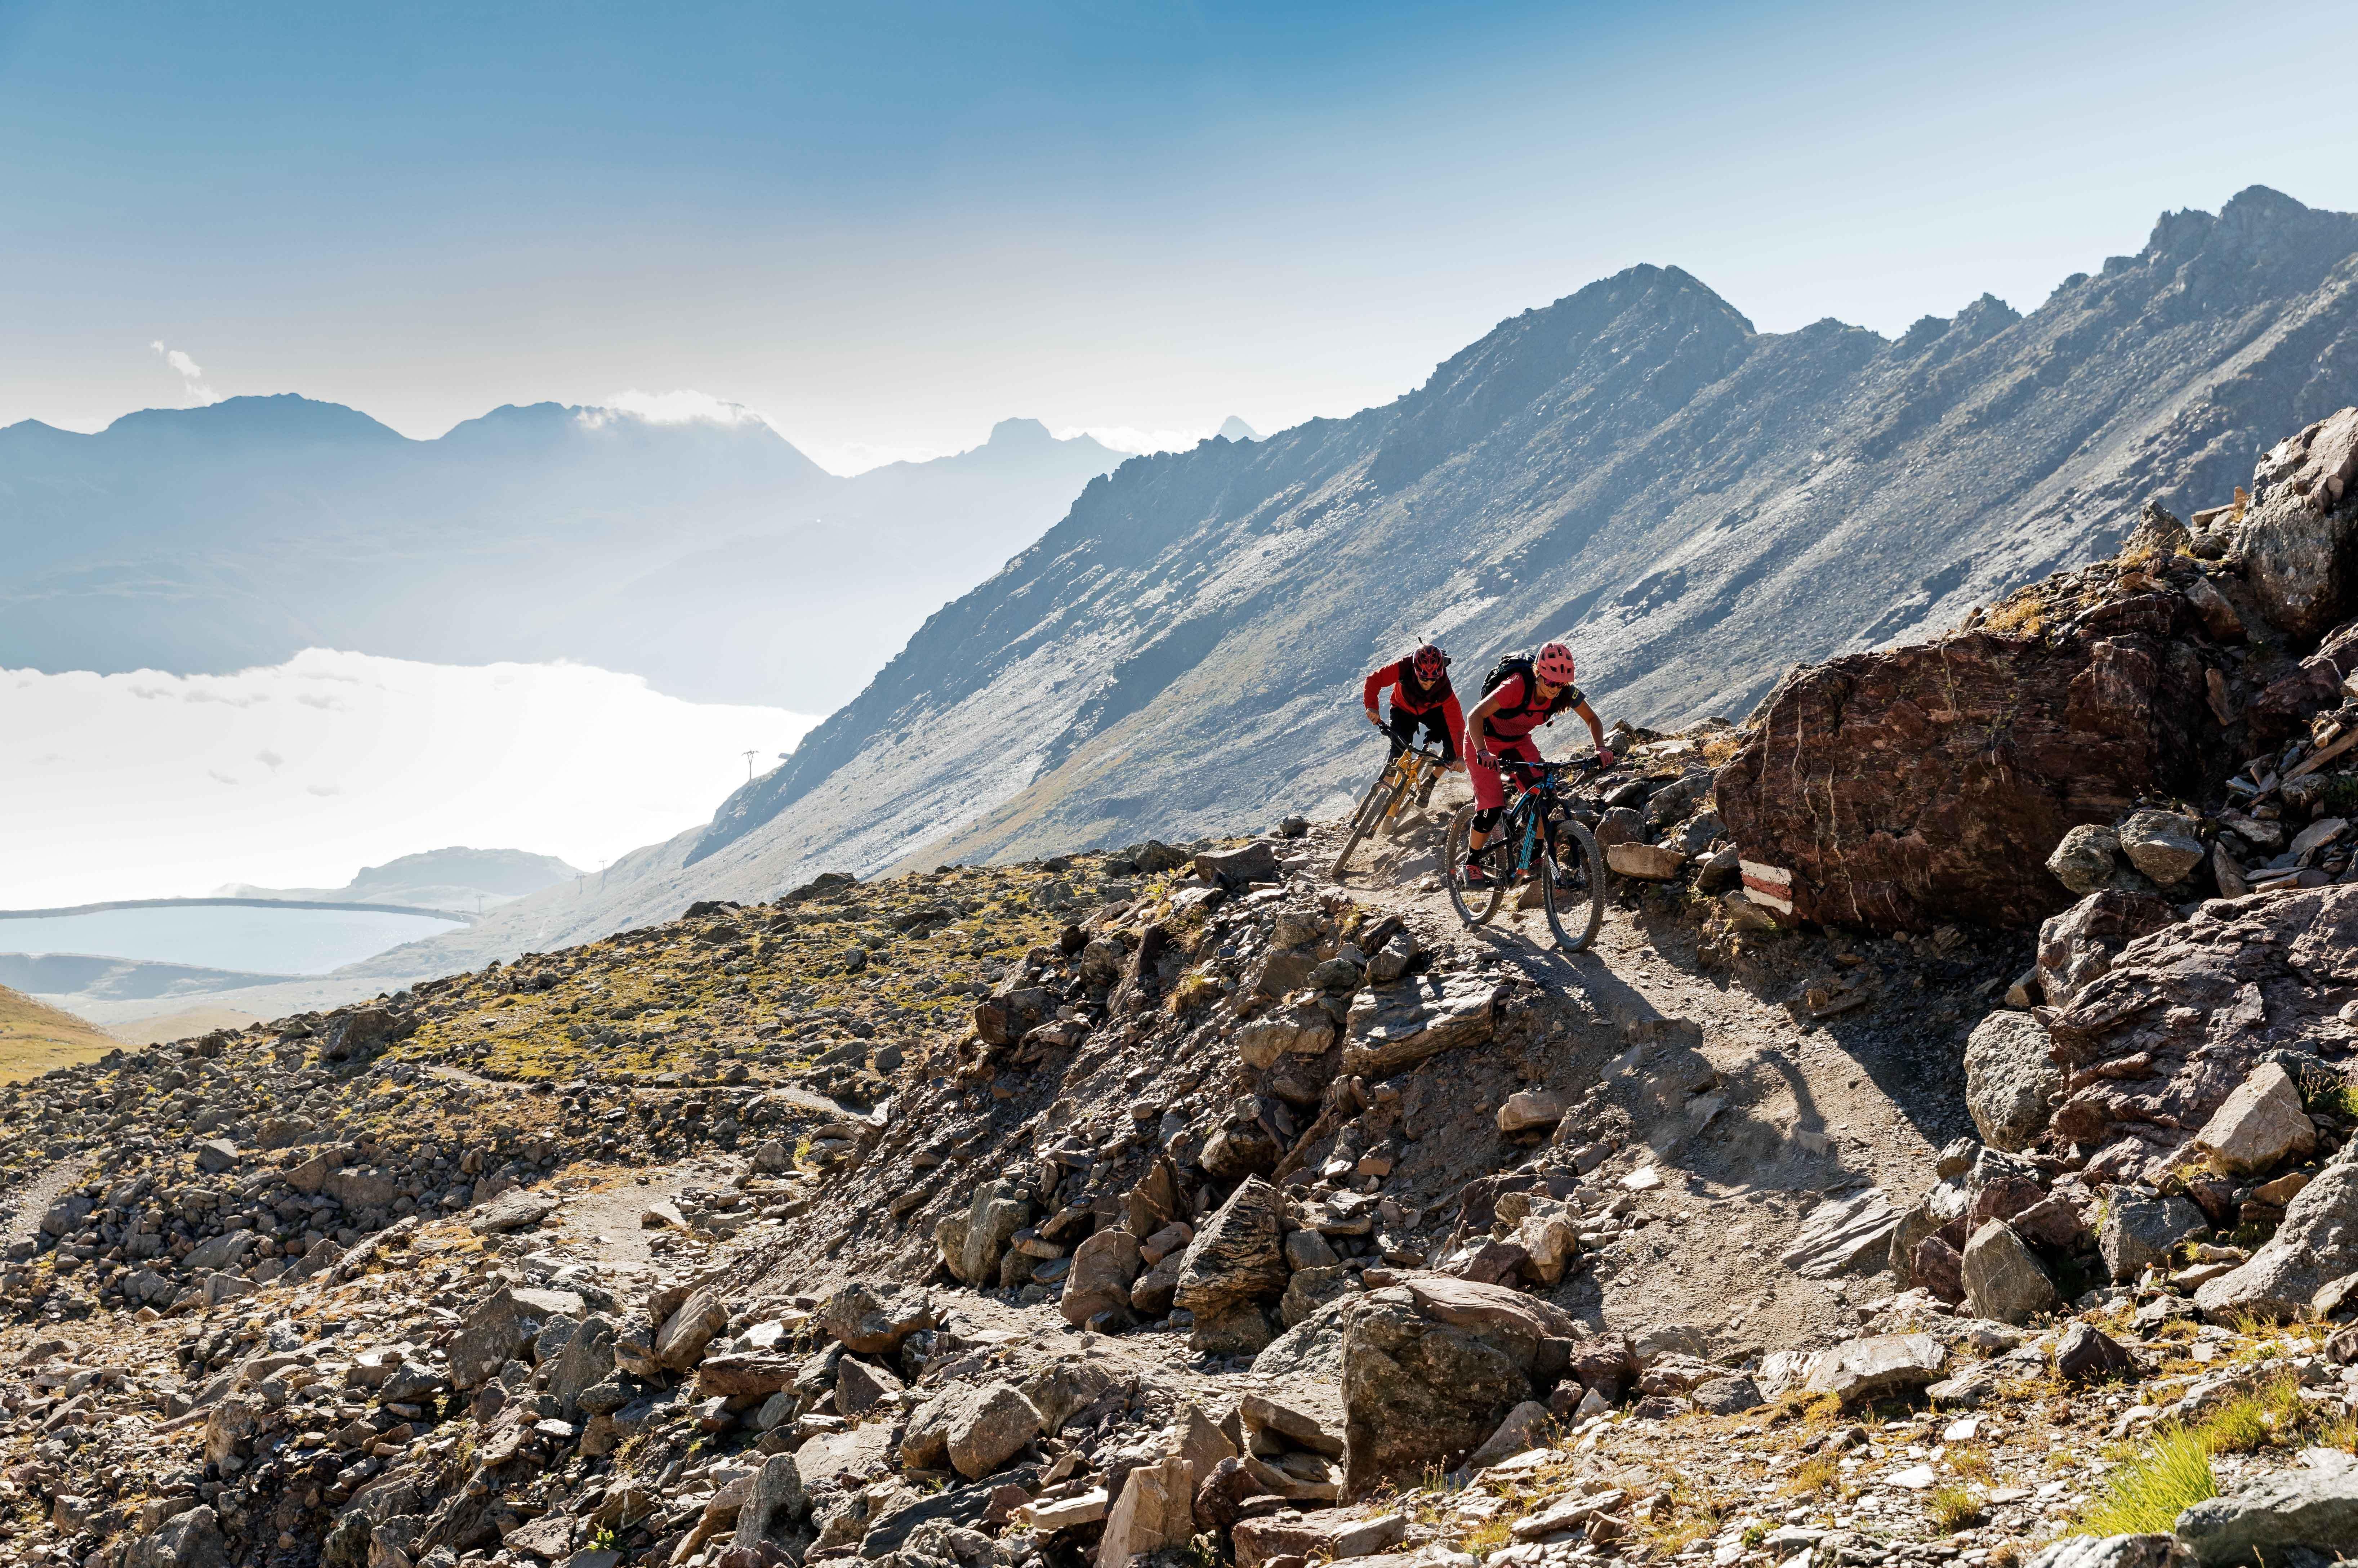 Val Schlattain Mountainbike Trails